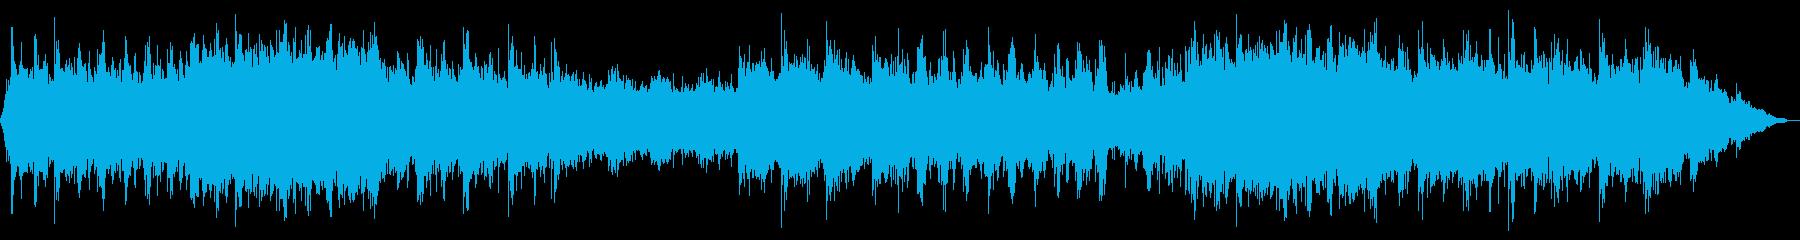 緊迫感のあるオーケストラの再生済みの波形